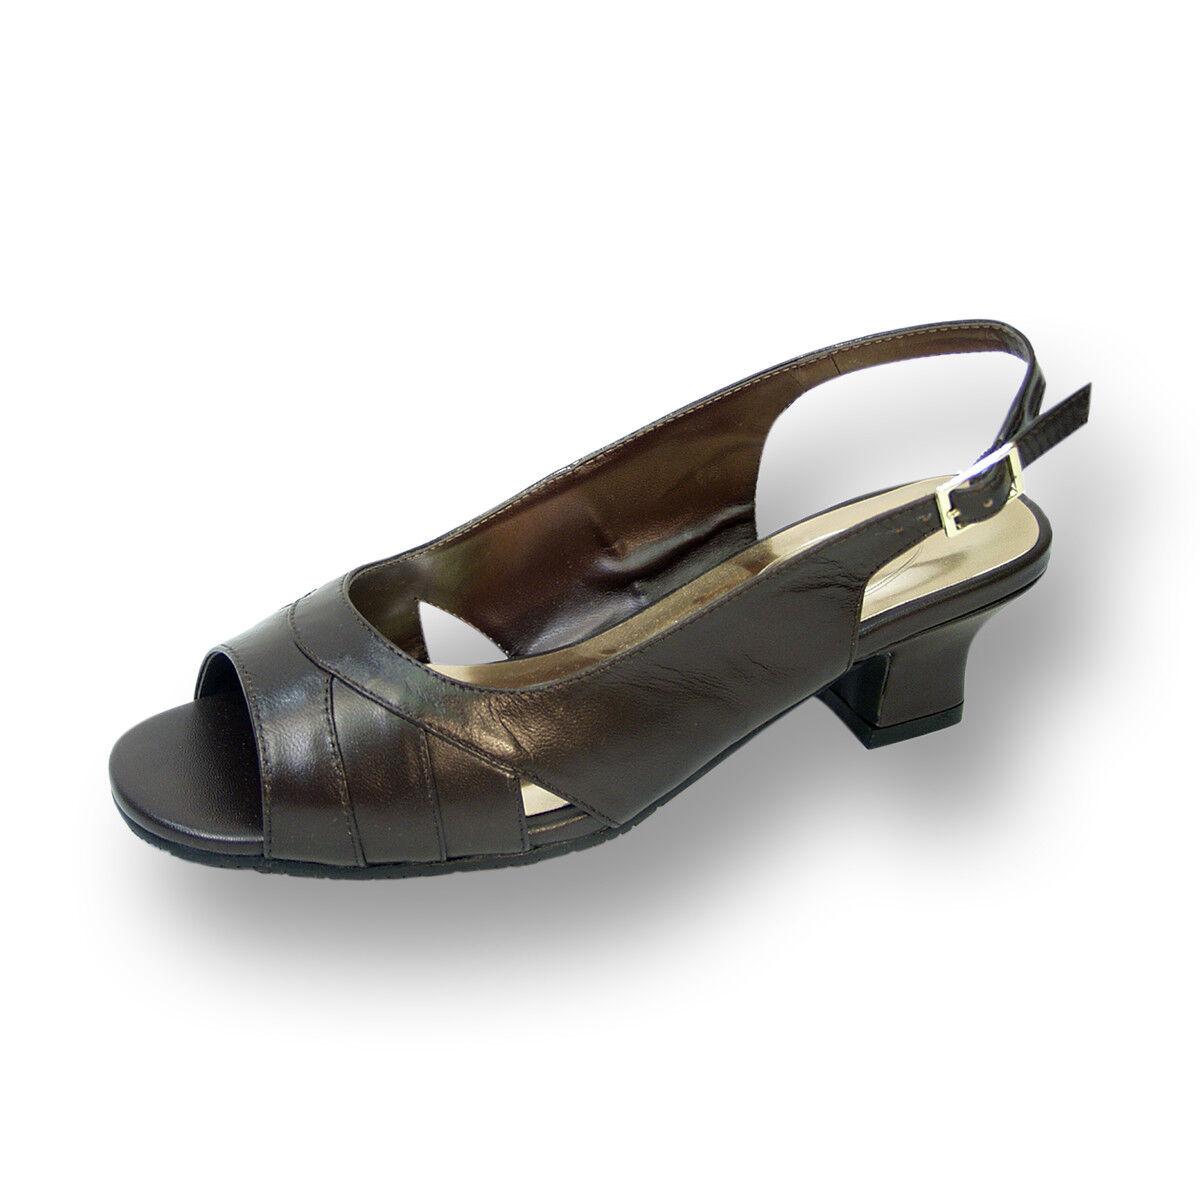 PEERAGE Karen Damens Wide Width Leder Open-Toe Pleated ToeCap Slingback Sandales